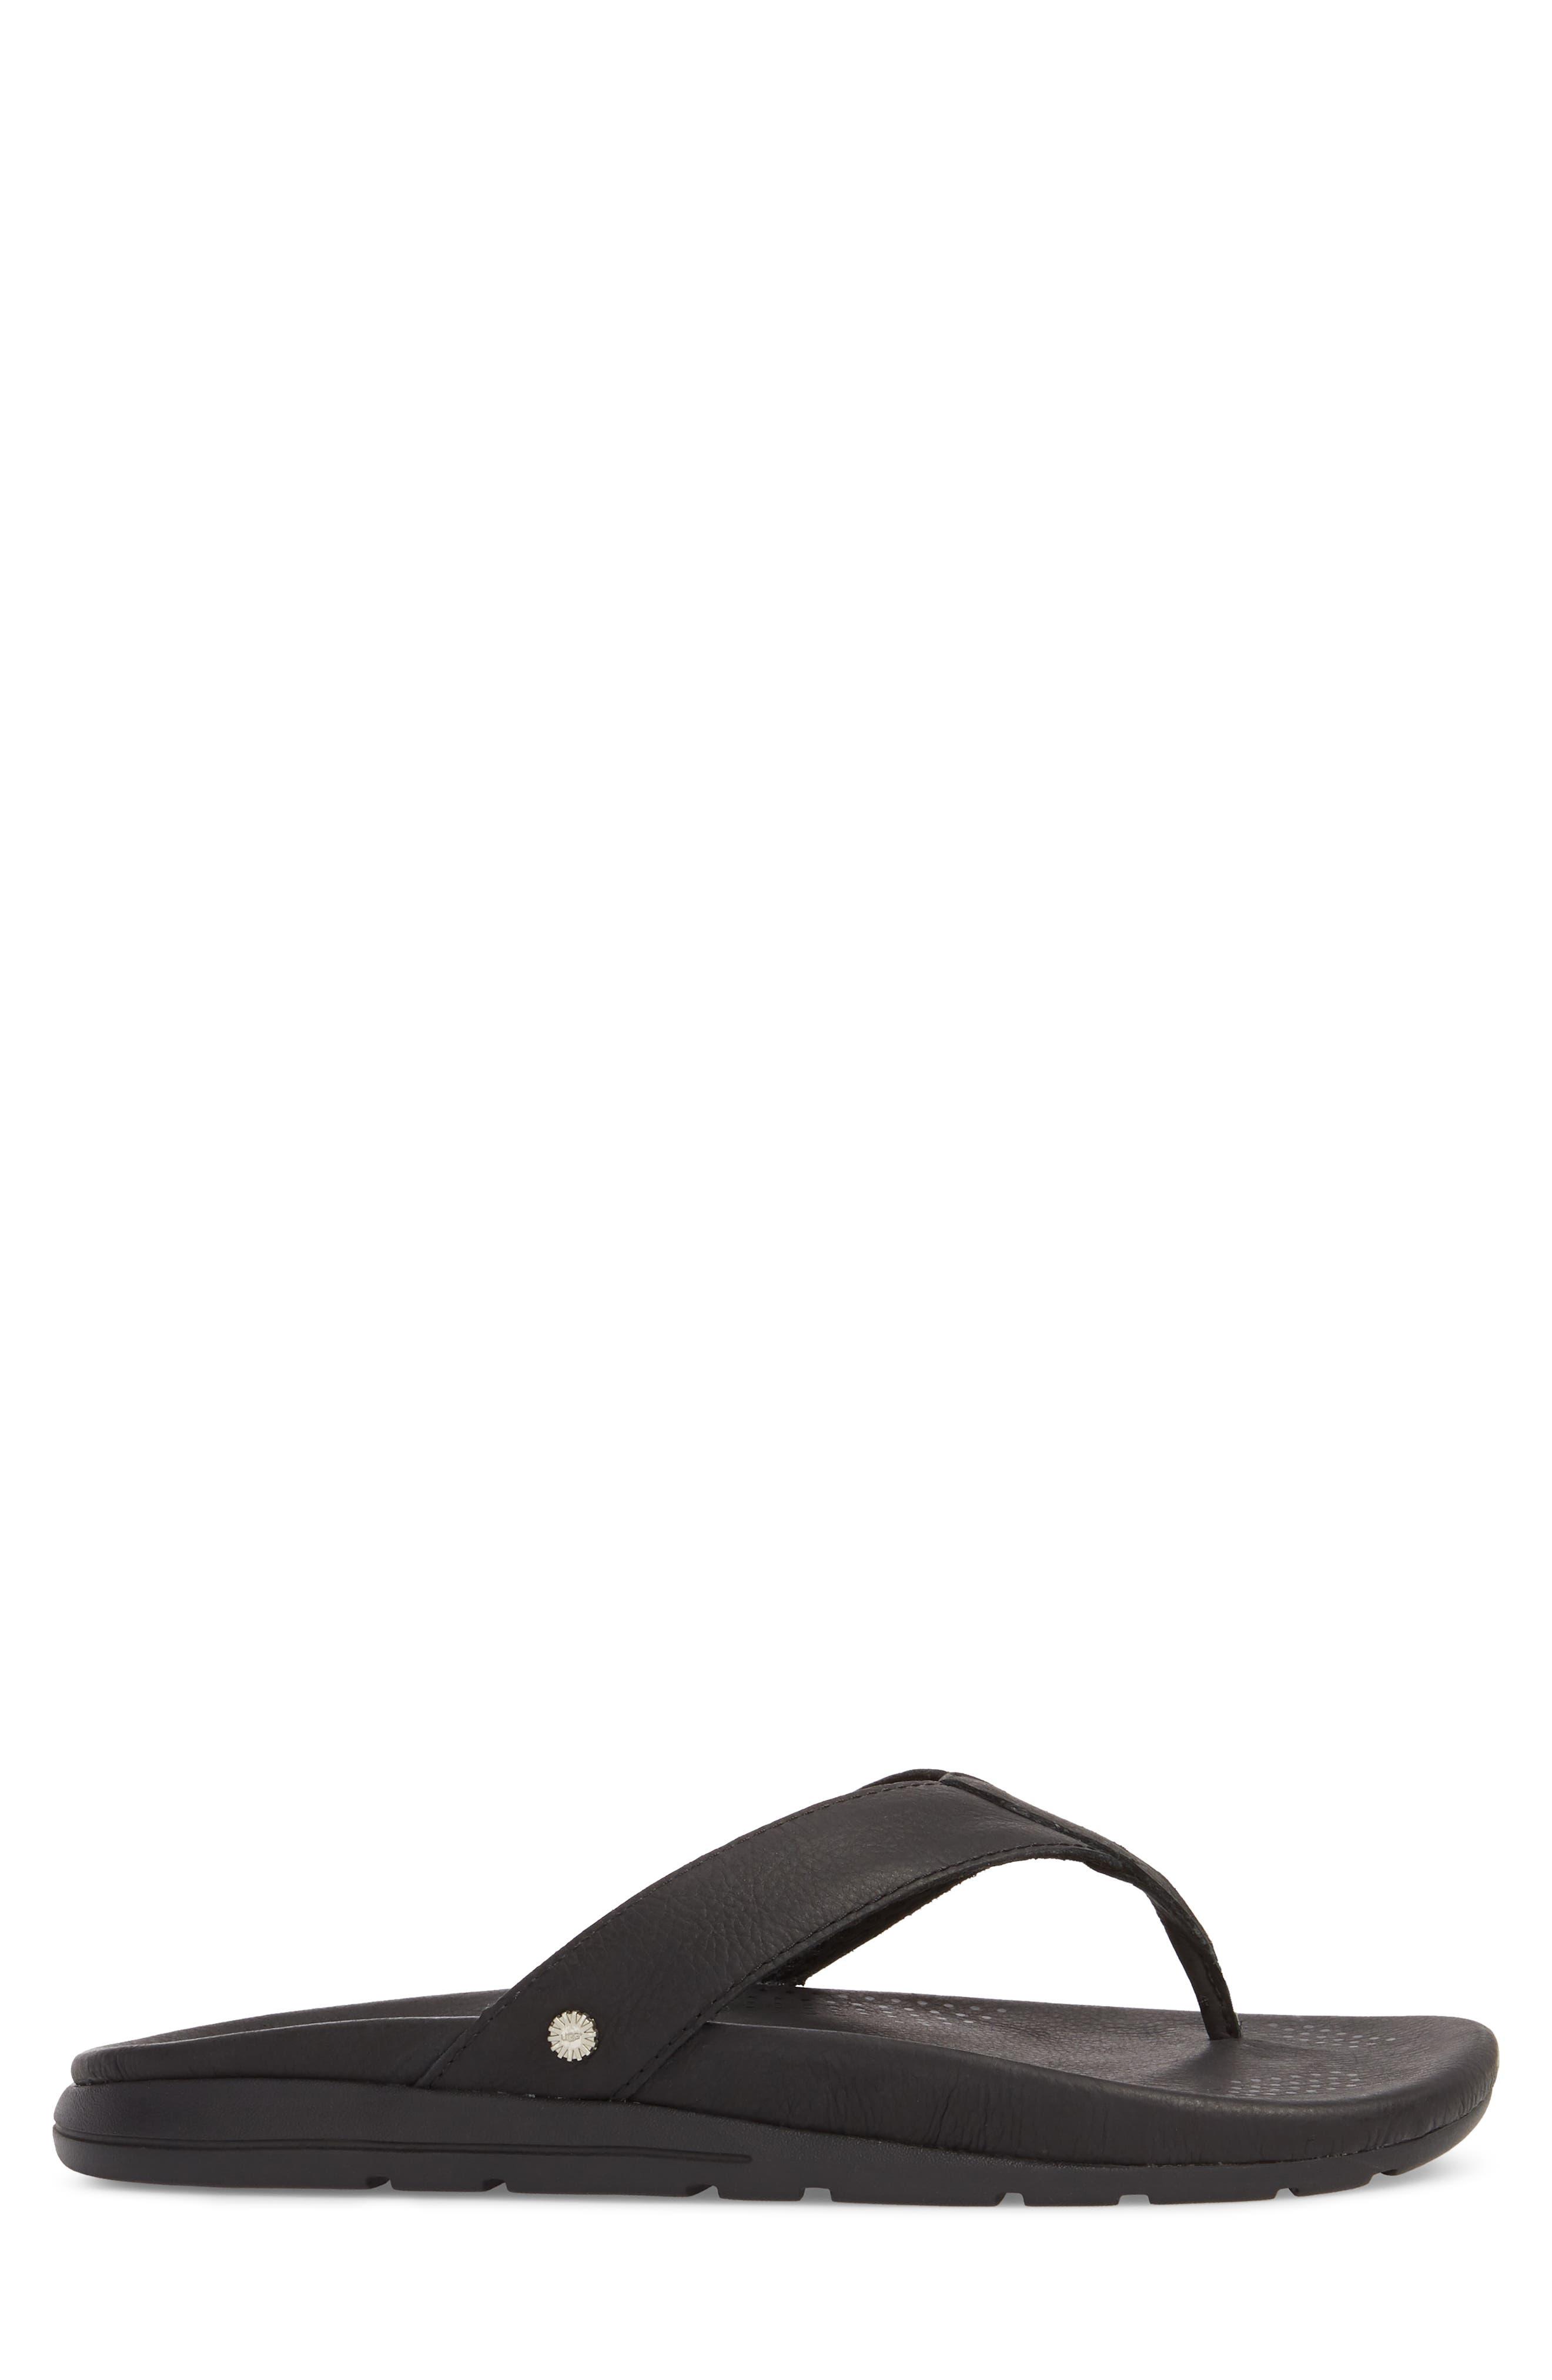 Tenoch Luxe Flip Flop,                             Alternate thumbnail 3, color,                             001